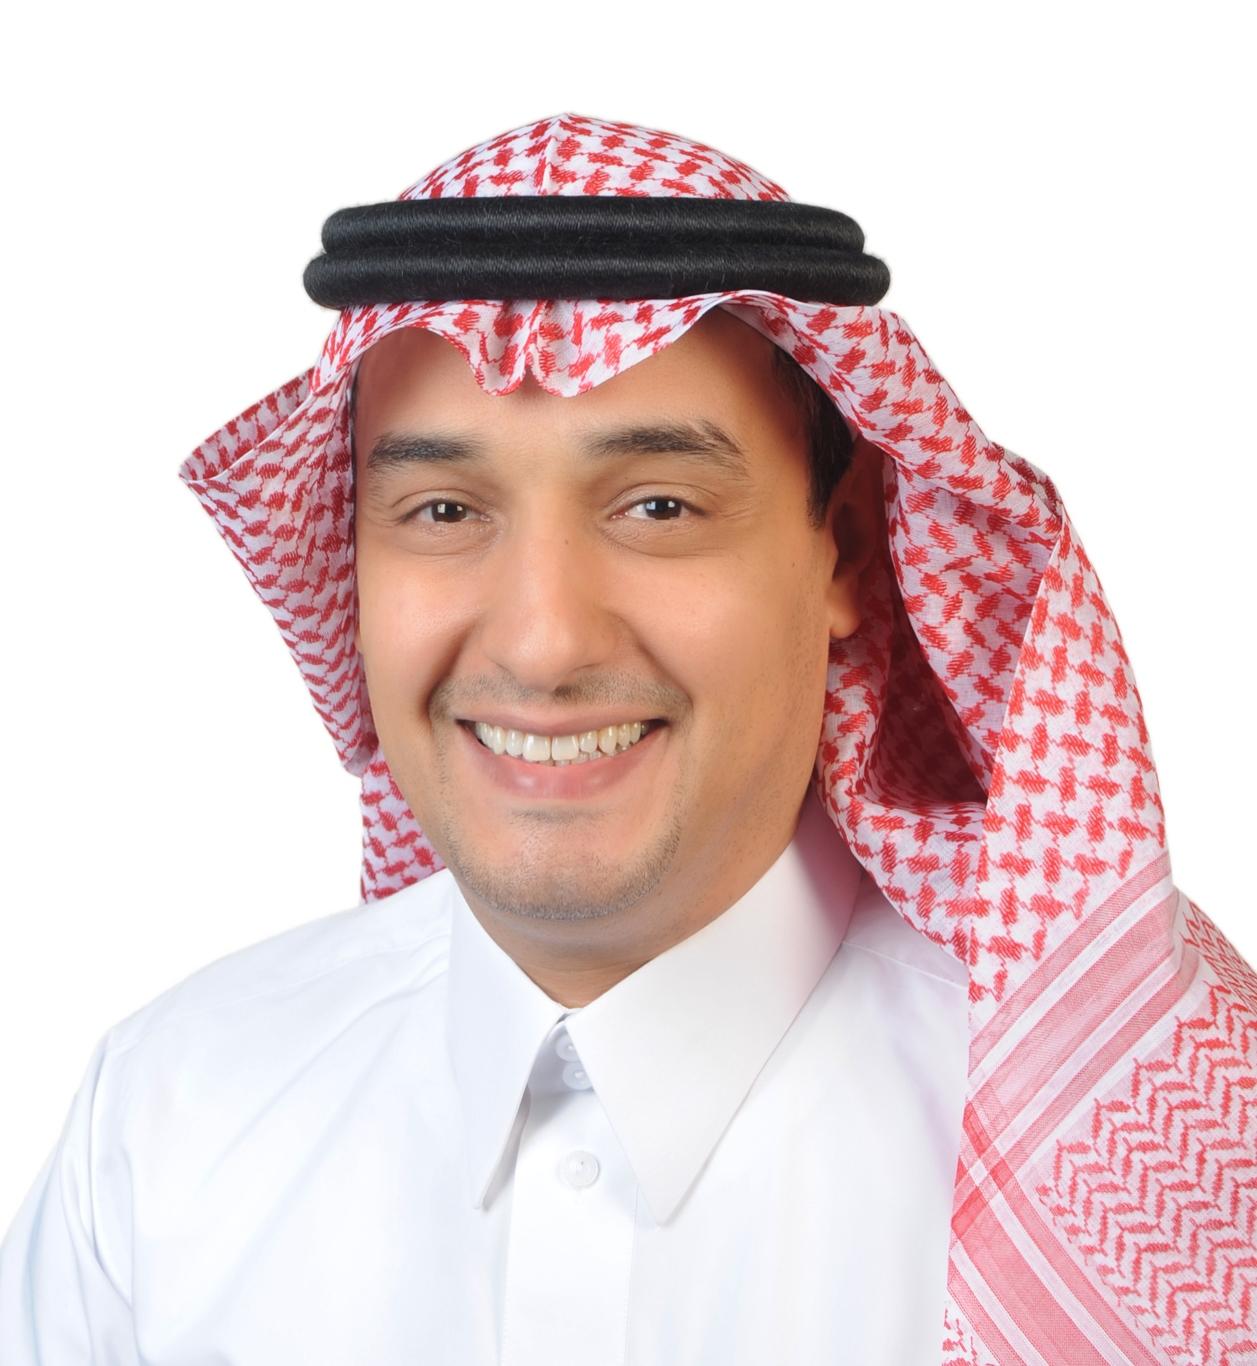 د. خالد سعد الظافر القحطاني أمينا عاما لأوقاف الجامعة